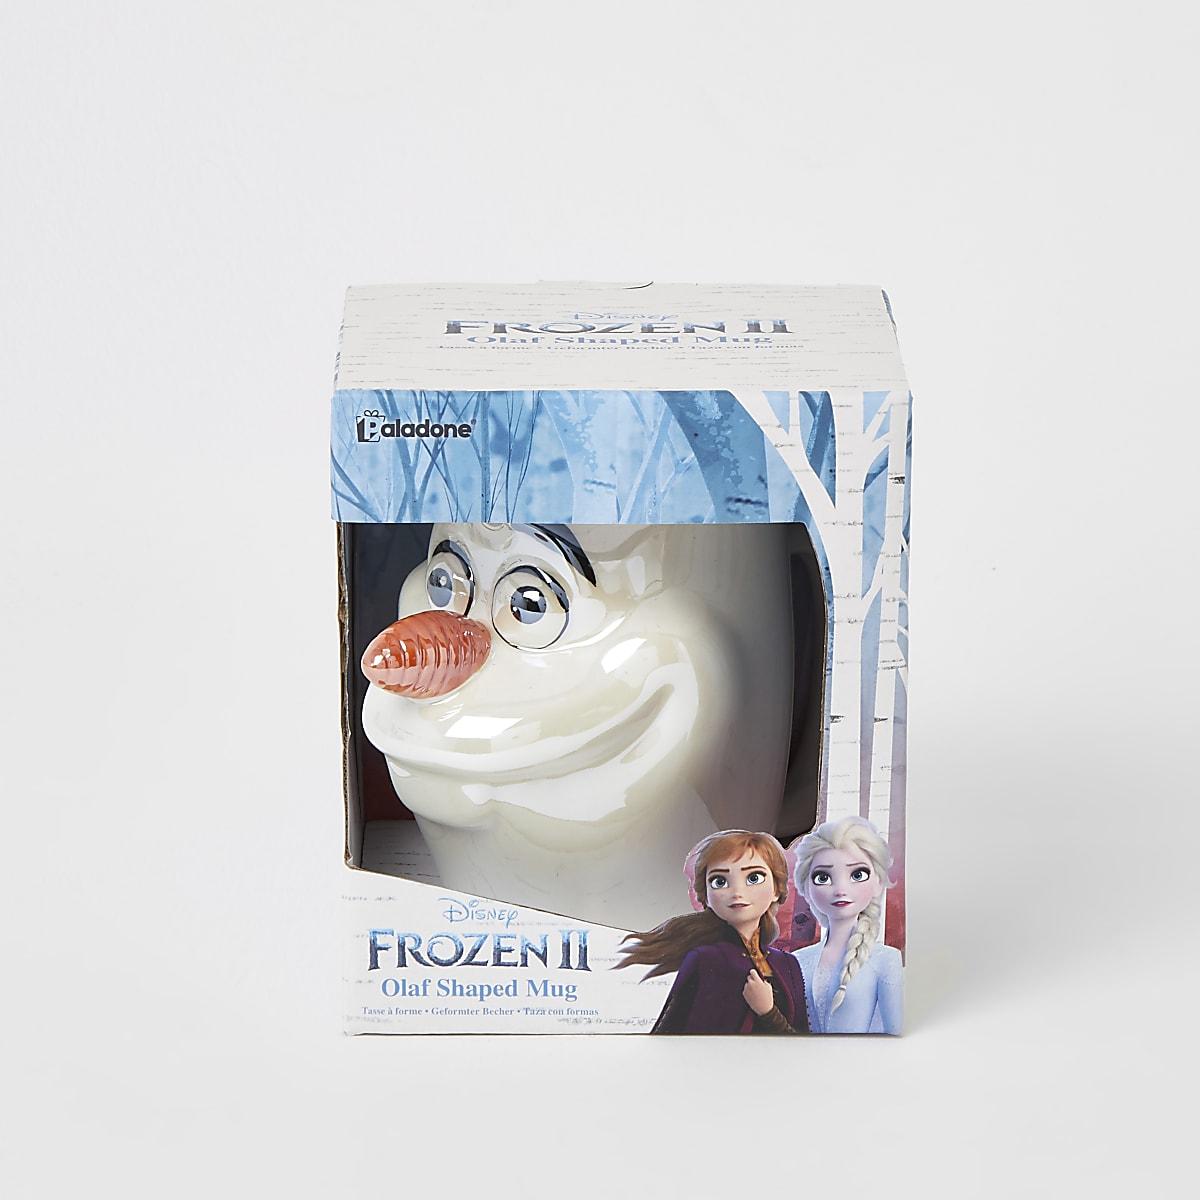 Frozen Olaf shaped mug